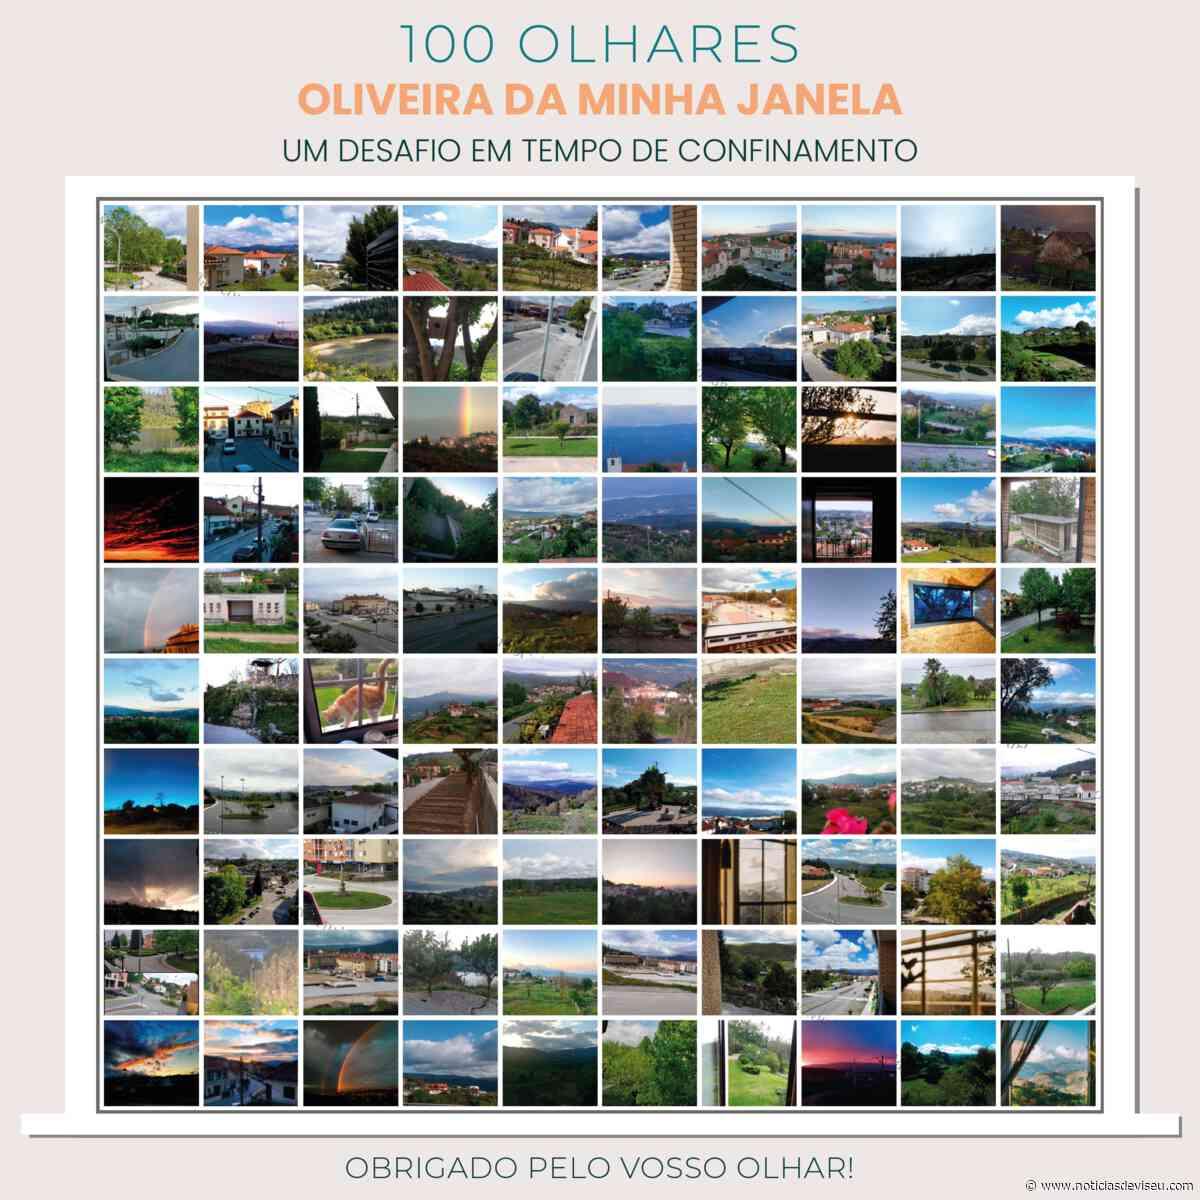 100 OLHARES – OLIVEIRA DA MINHA JANELA, UM DESAFIO EM TEMPO DE CONFINAMENTO - Notícias de Viseu